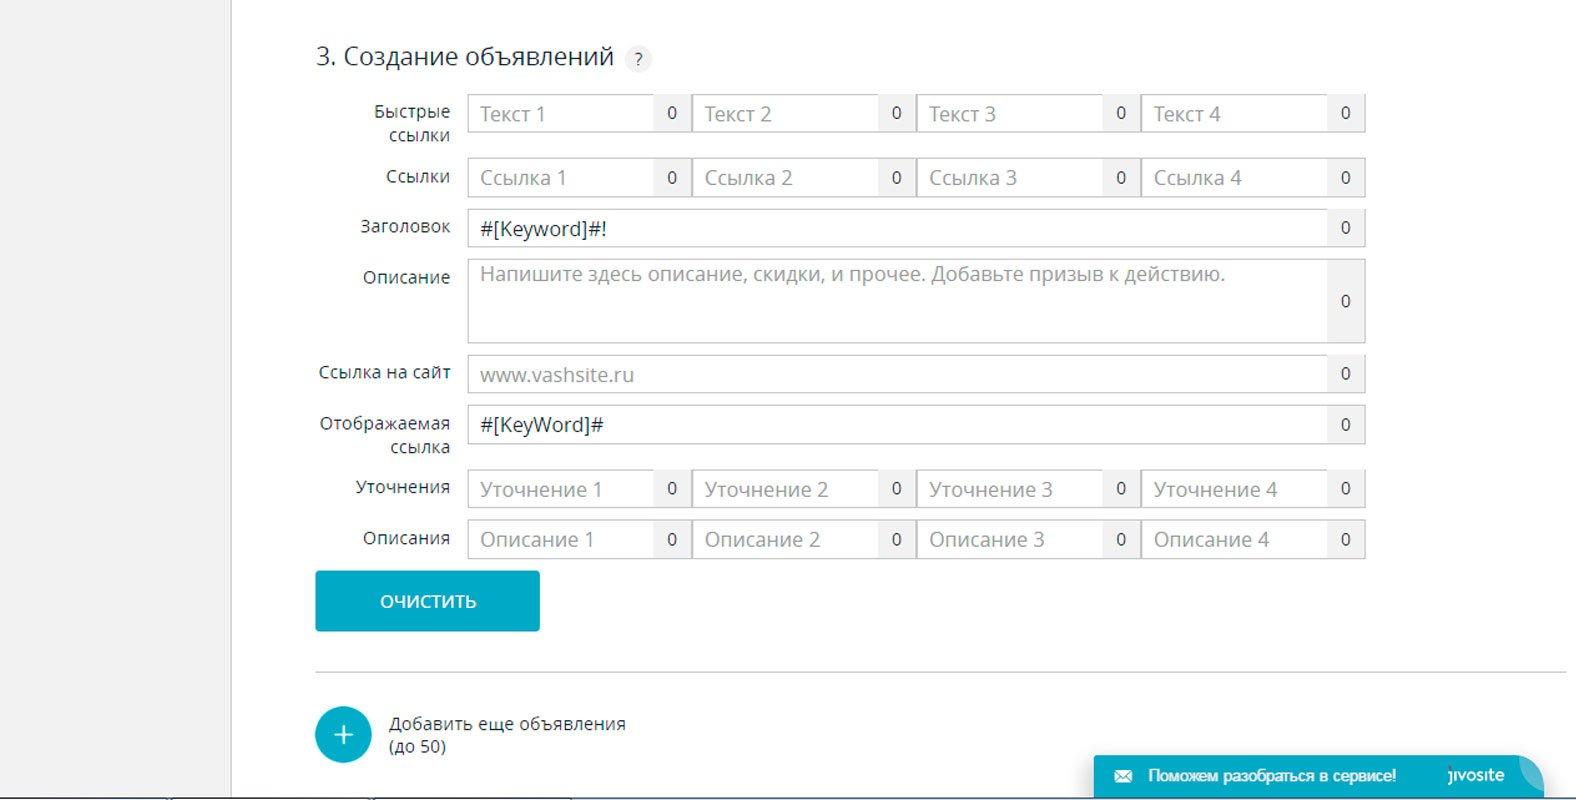 Генератор объявлений Директ, Adwords